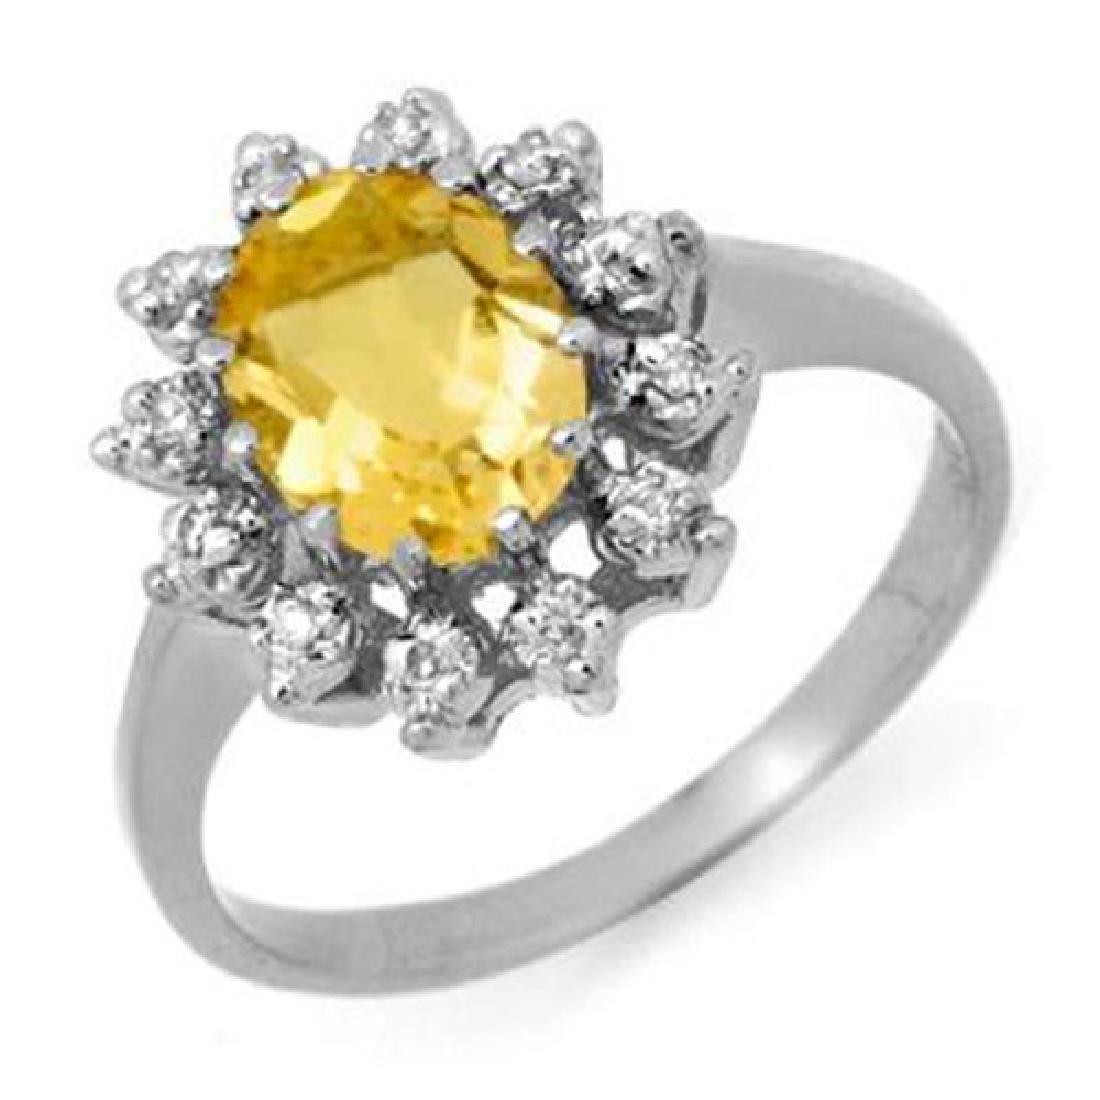 1.14 CTW Citrine & Diamond Ring 14K White Gold